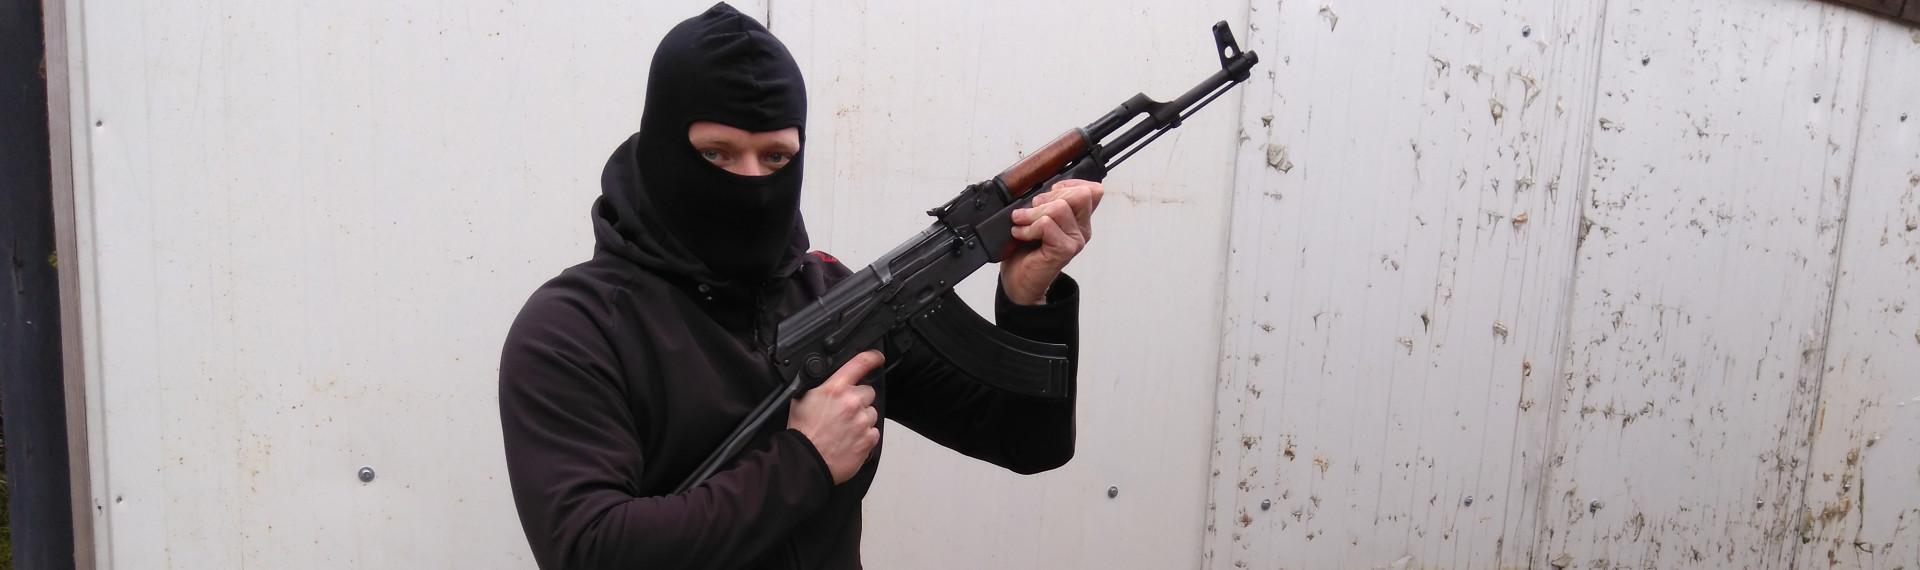 Kalashnikov Shooting Prague